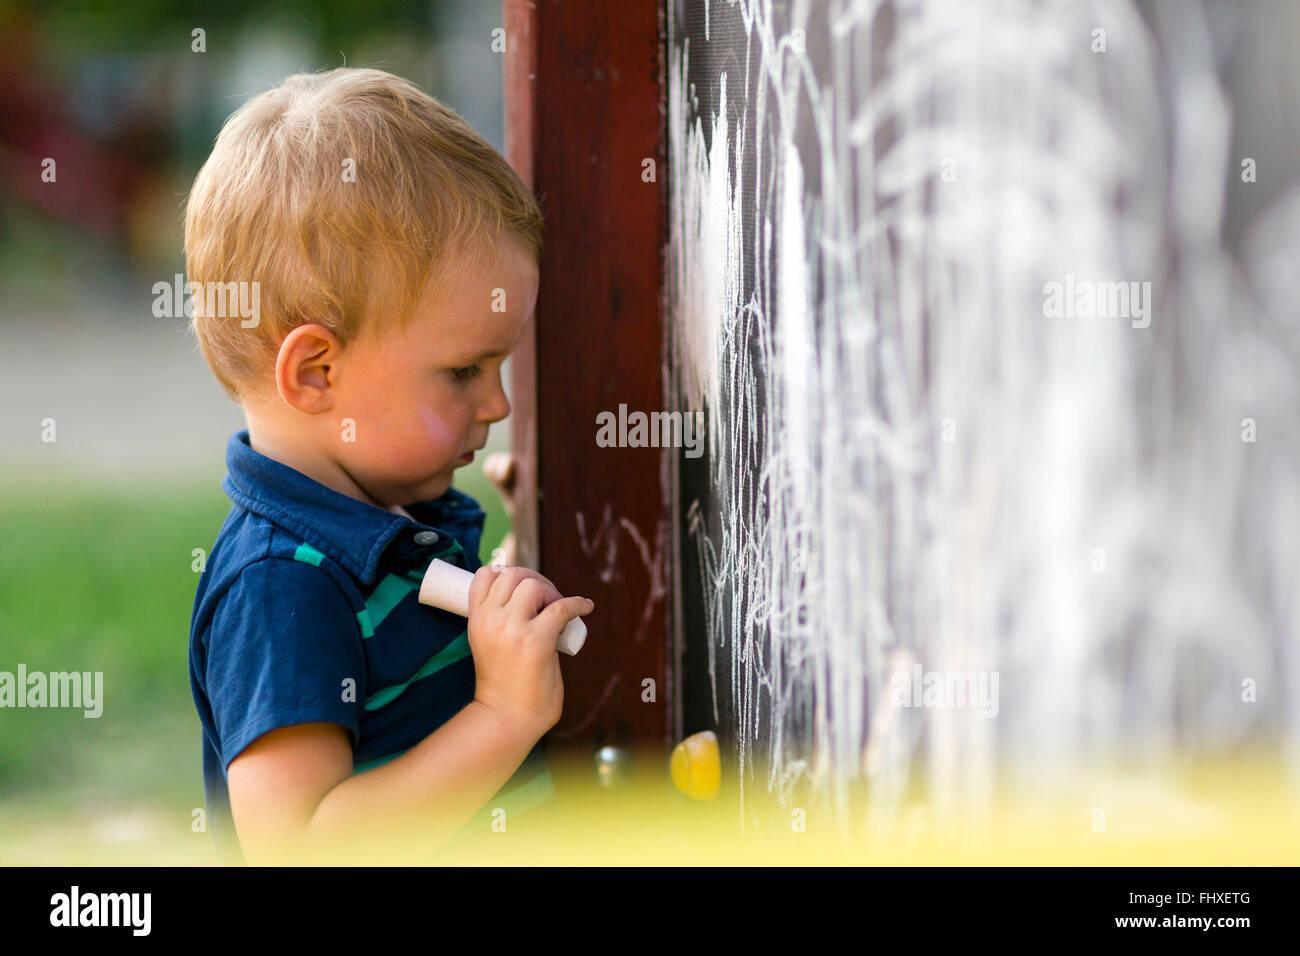 Niño lindo creativo de dibujo con tiza en un tablero de dibujo al aire libre Imagen De Stock